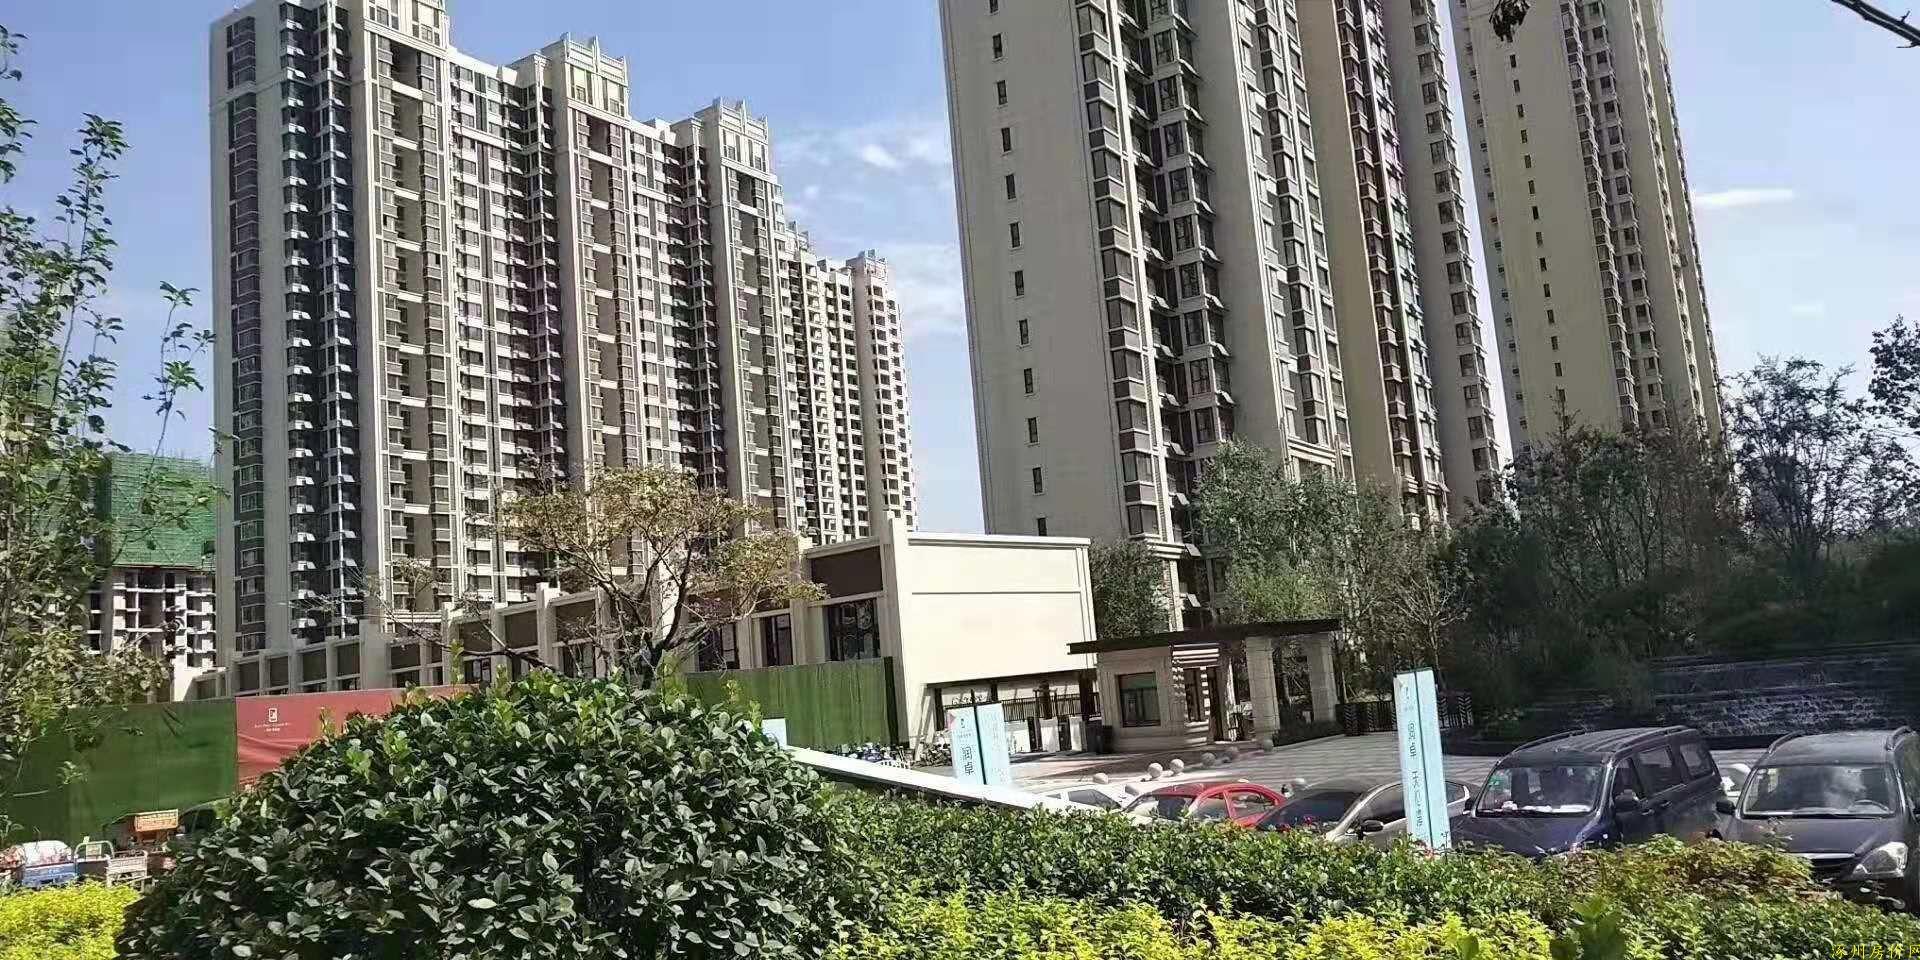 涿州天伦湾小区绿化环境楼体图片